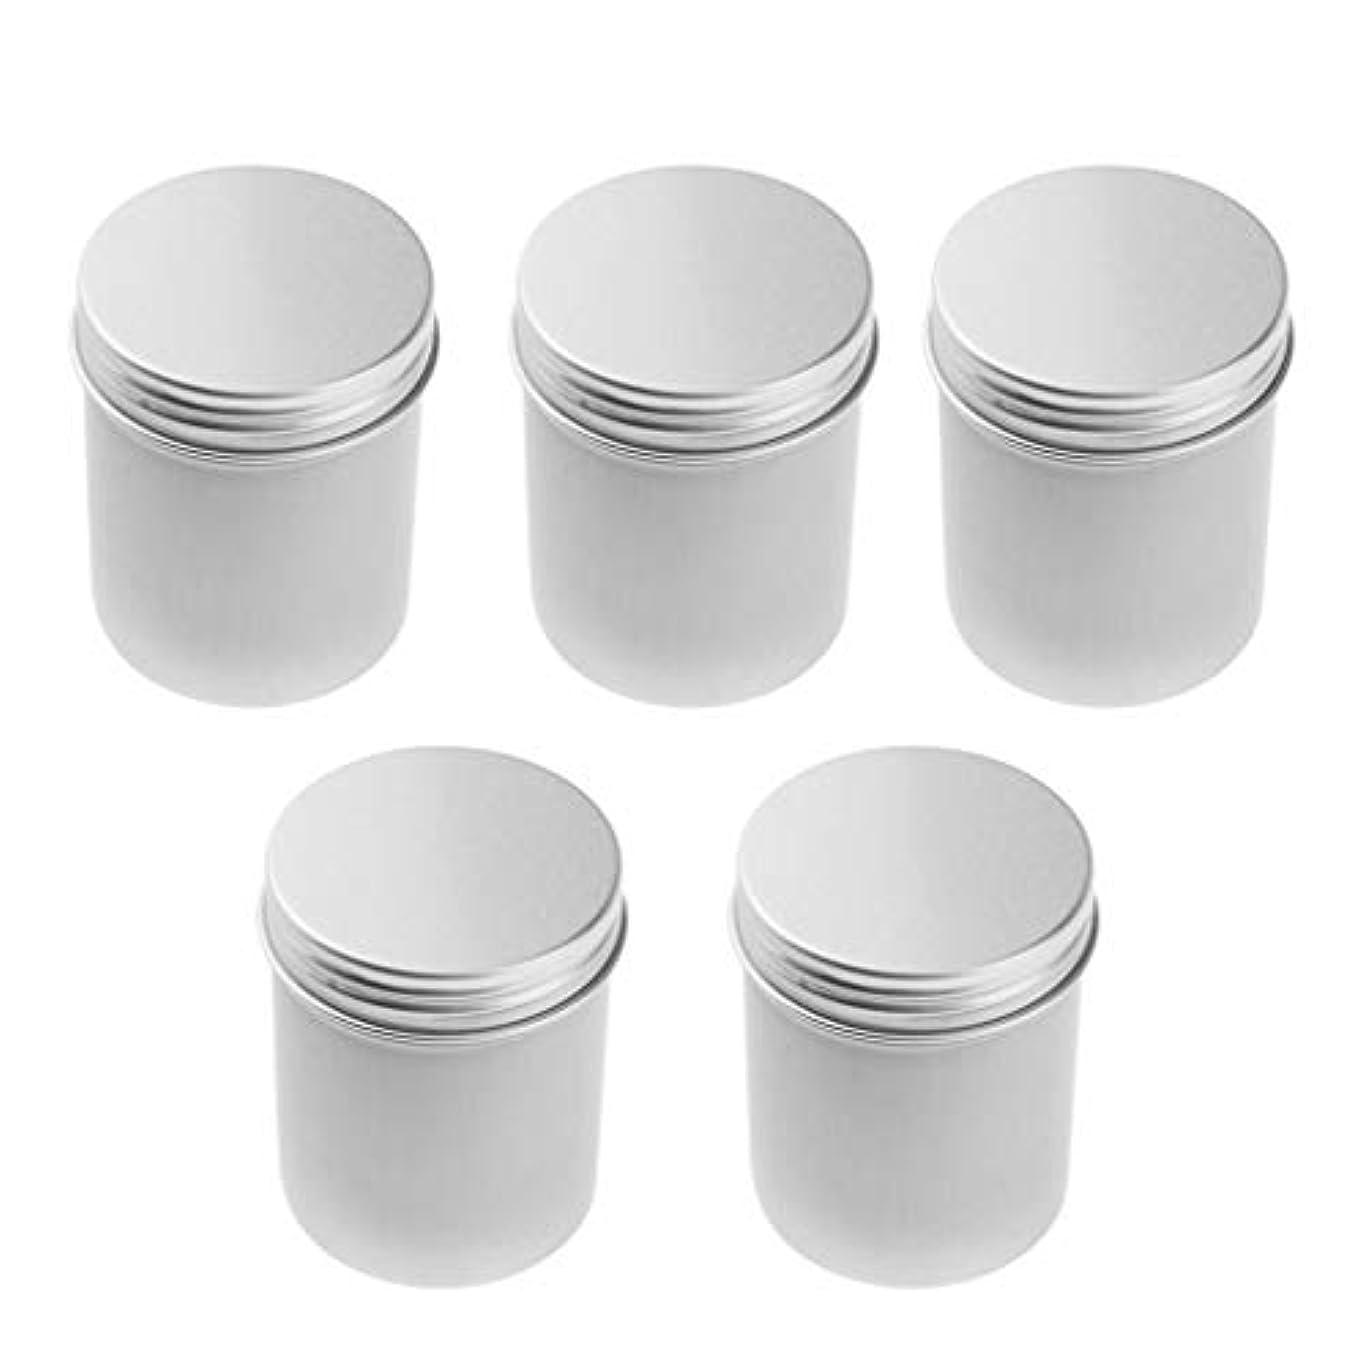 威信ガスタイプライターIPOTCH アルミ缶 ポット コスメ 化粧品 詰替え容器 缶 ネジ蓋 高級アルミ製 5本 80ミリリットル 汎用